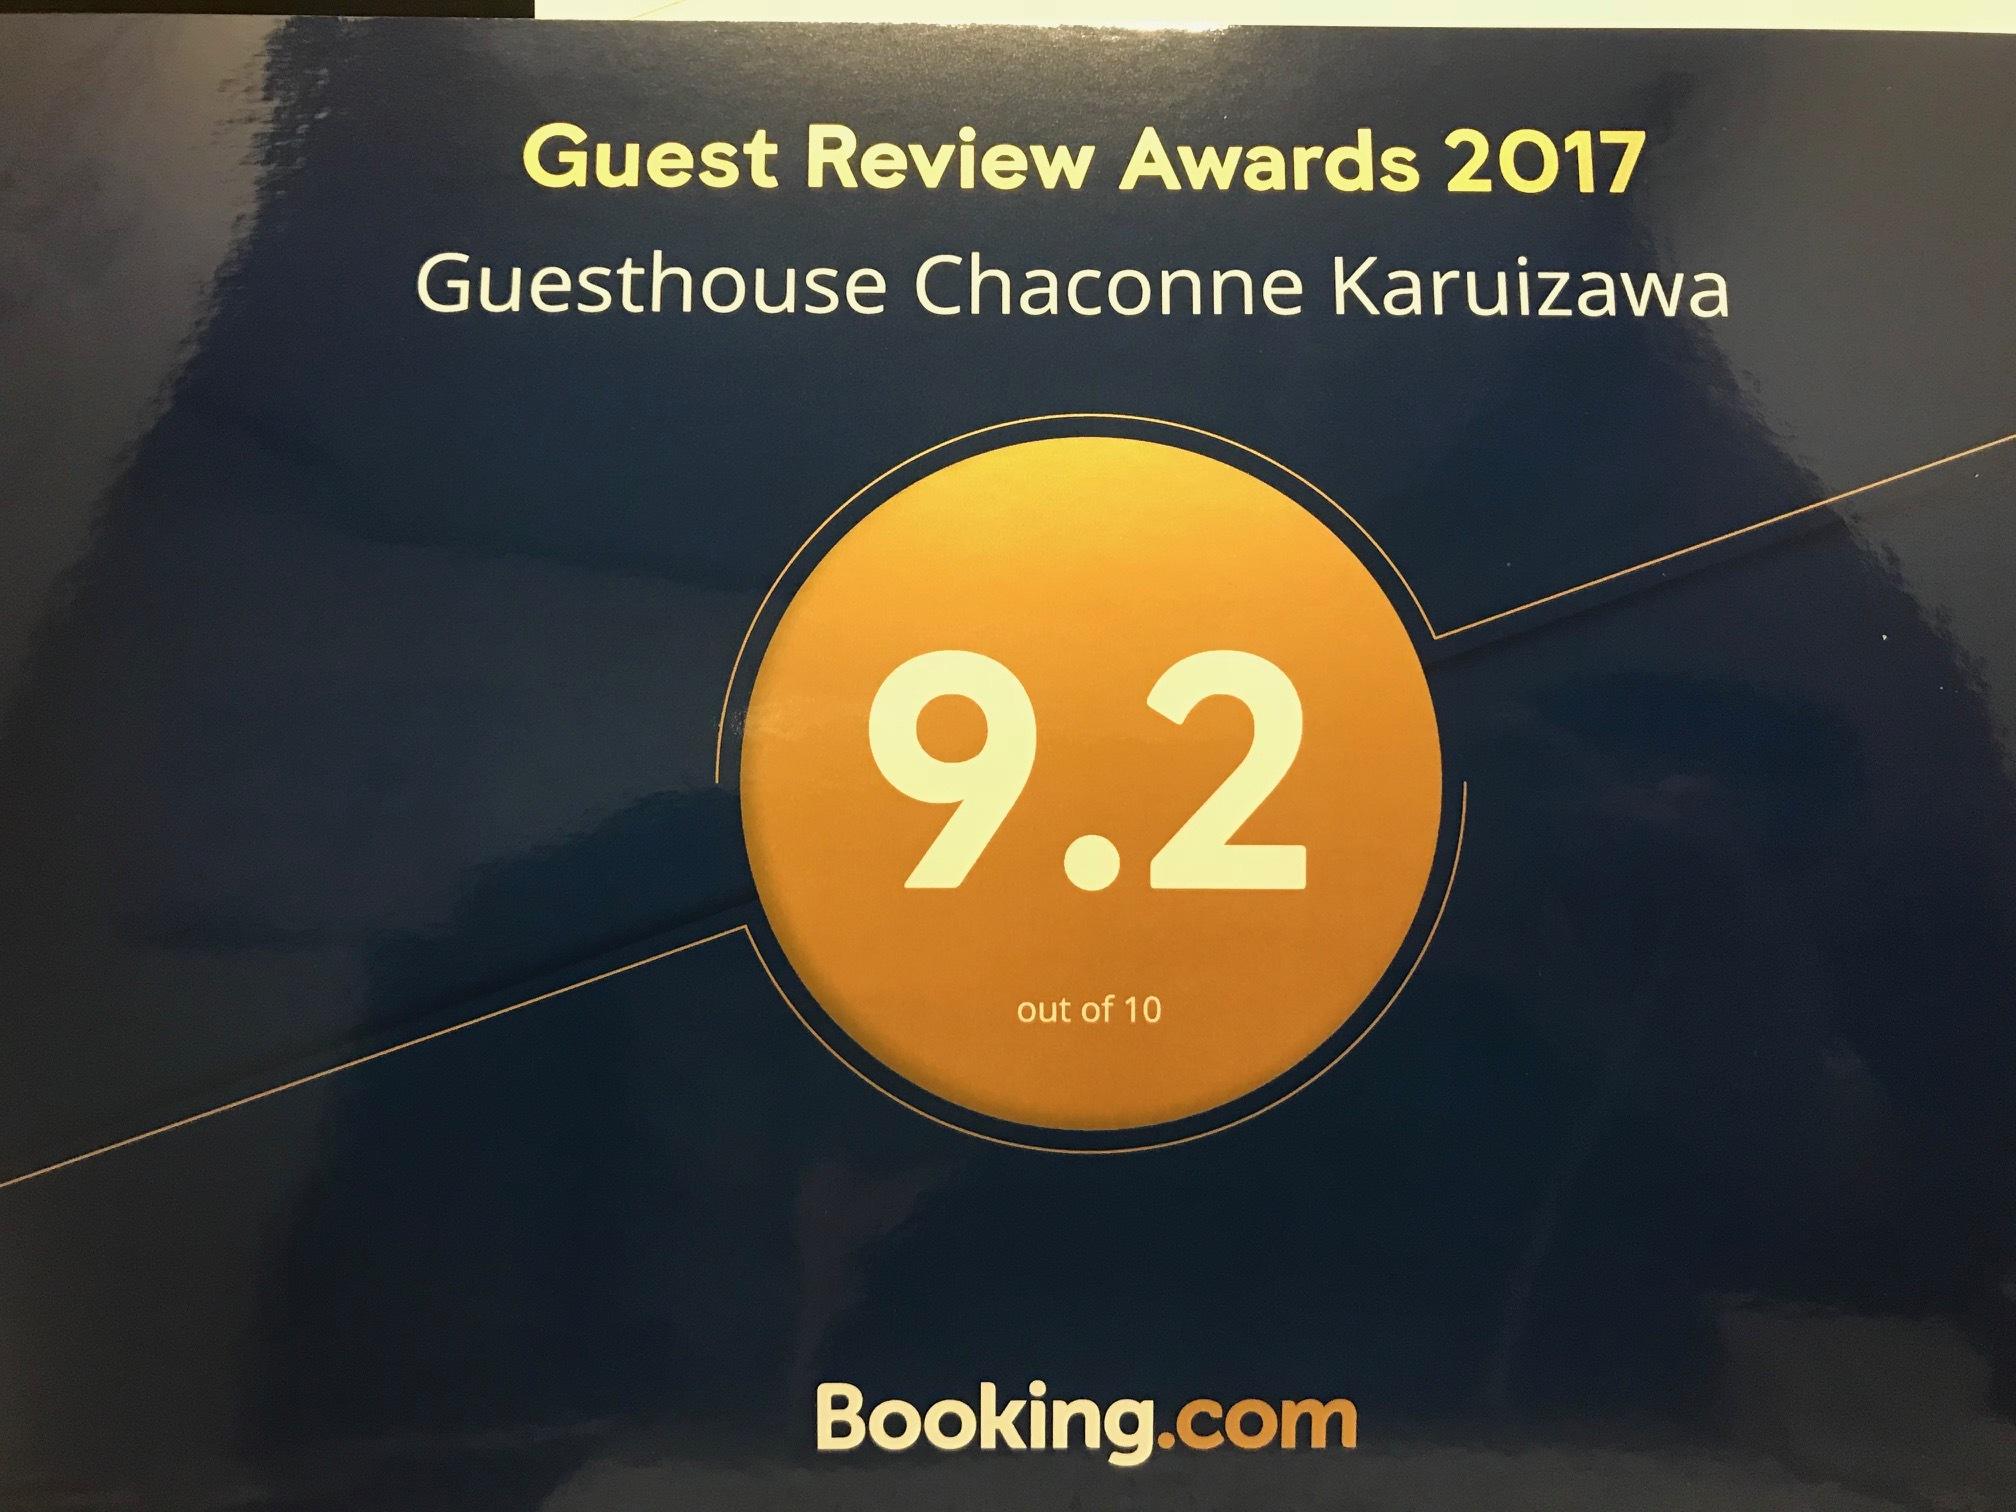 軽井沢の宿での口コミアワード賞いただきました。